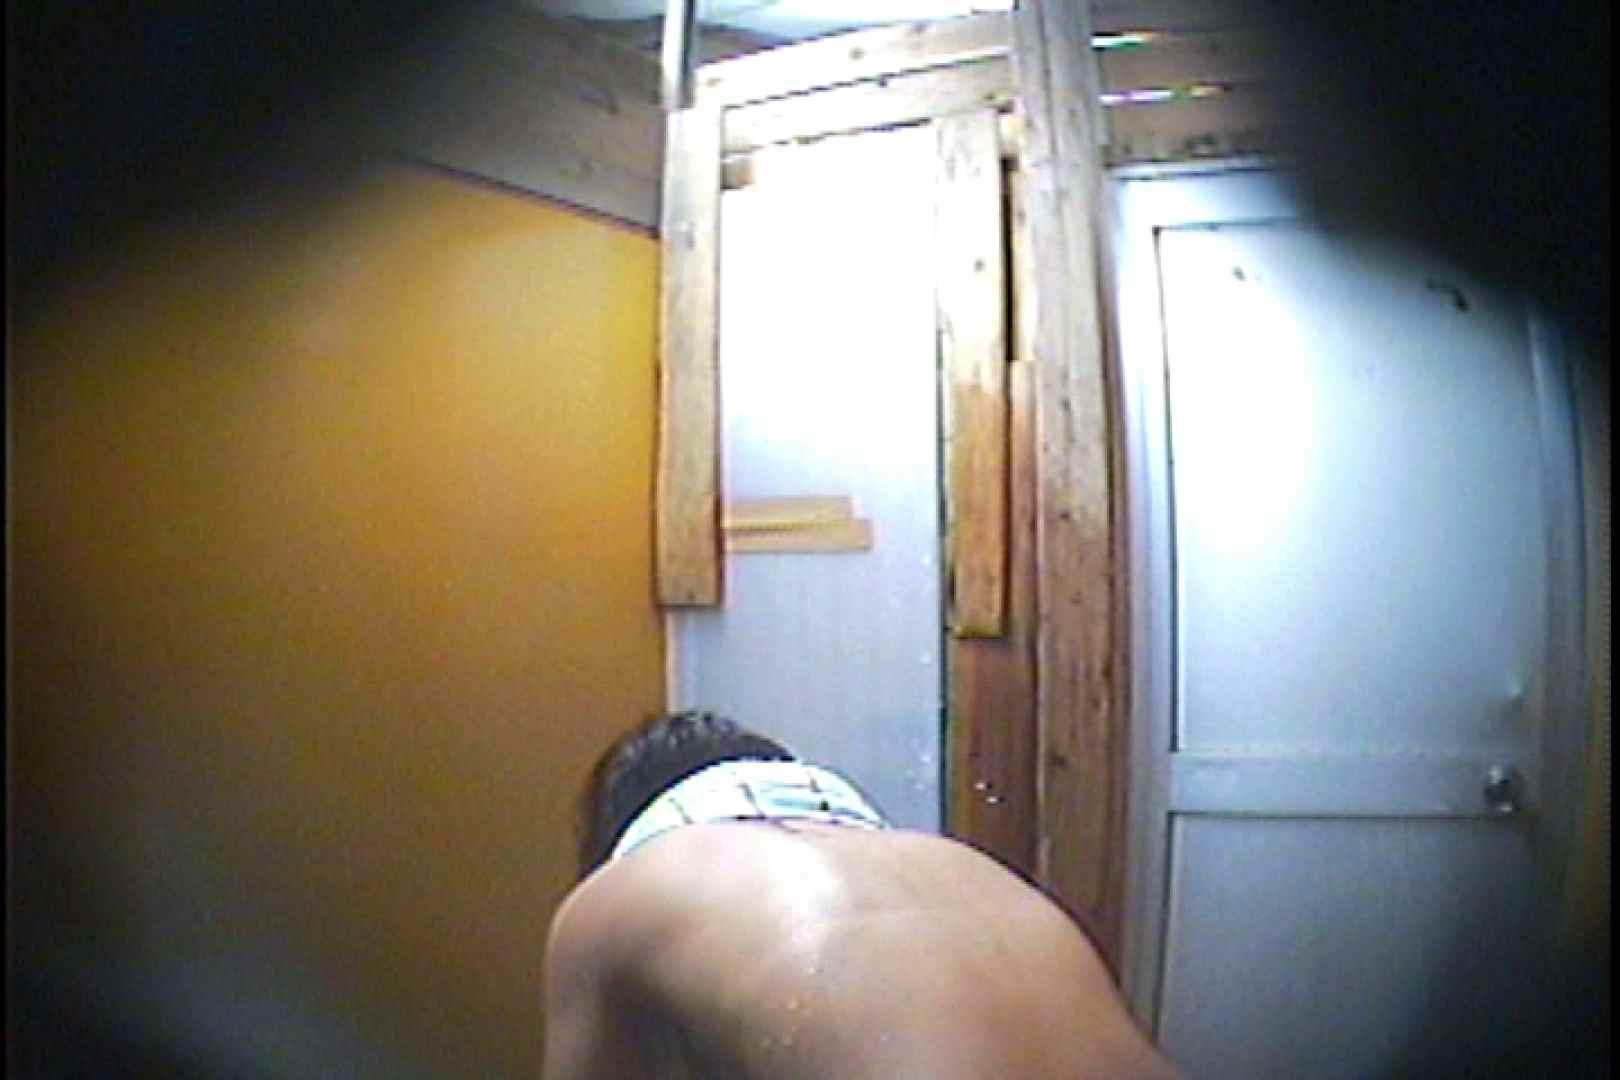 海の家の更衣室 Vol.48 シャワー室 ワレメ動画紹介 49画像 33